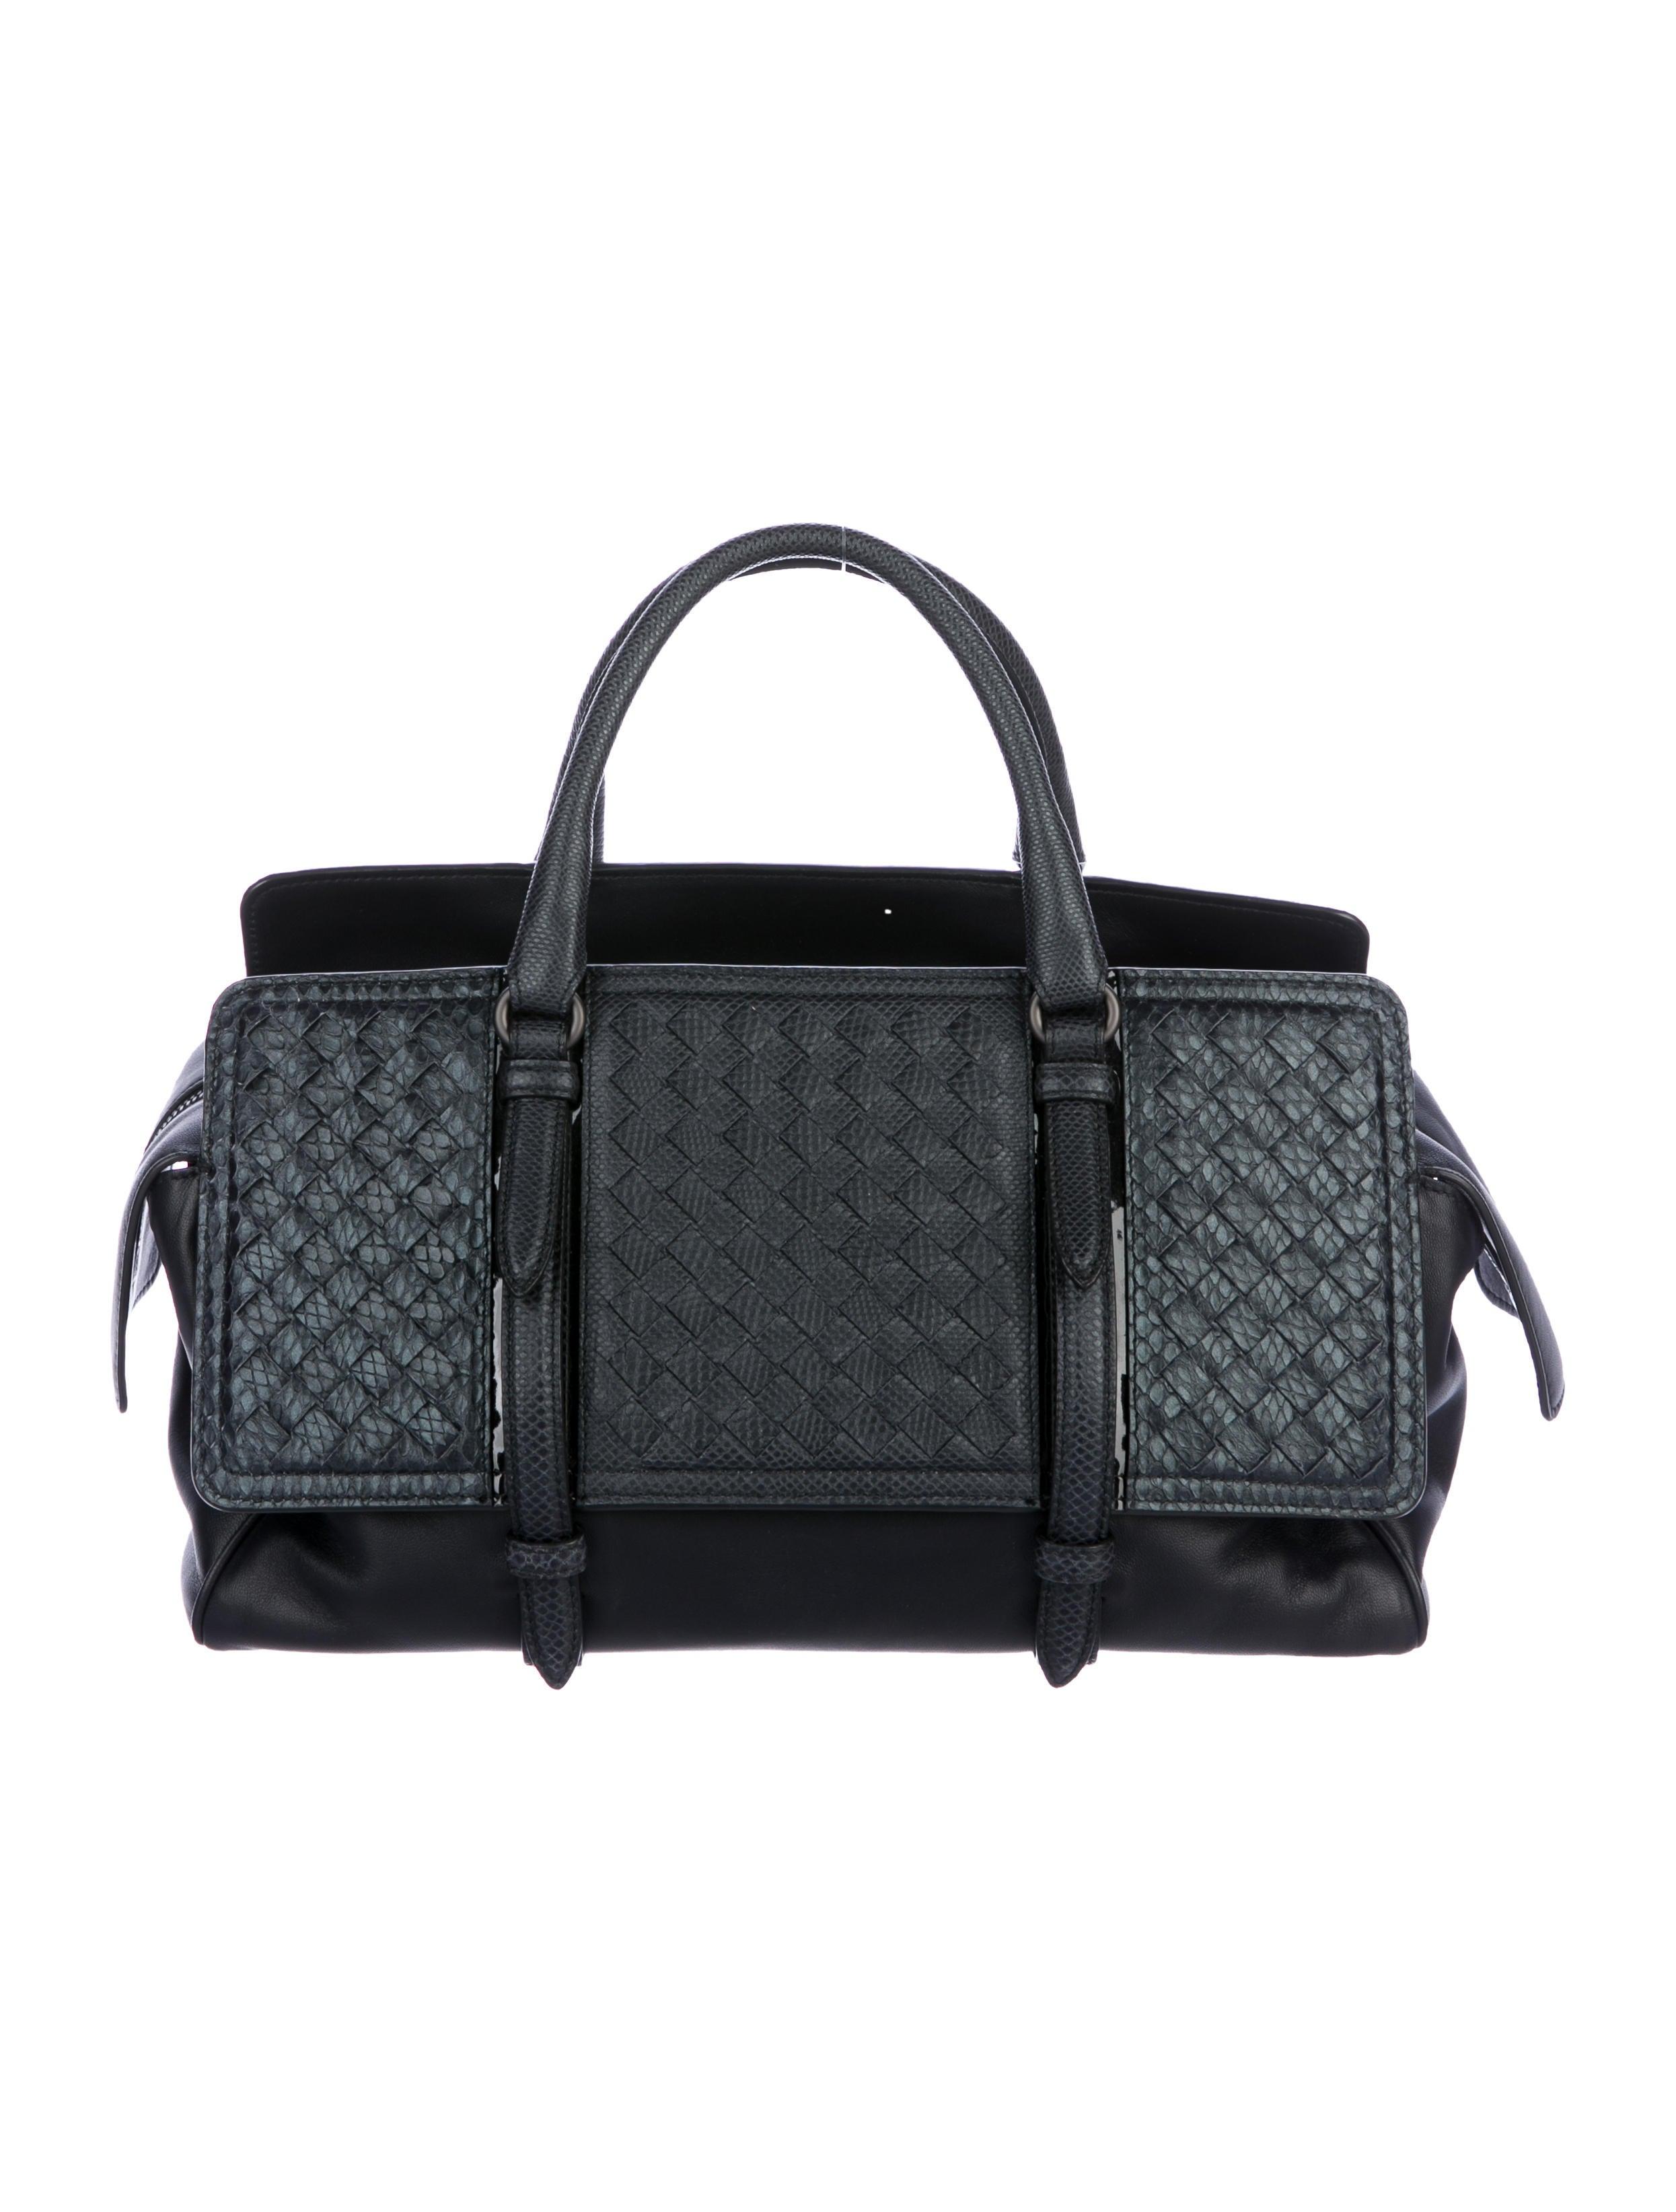 5d8e6e64bf Bottega Veneta Karung   Snakeskin Monaco Bag w  Tags - Handbags ...